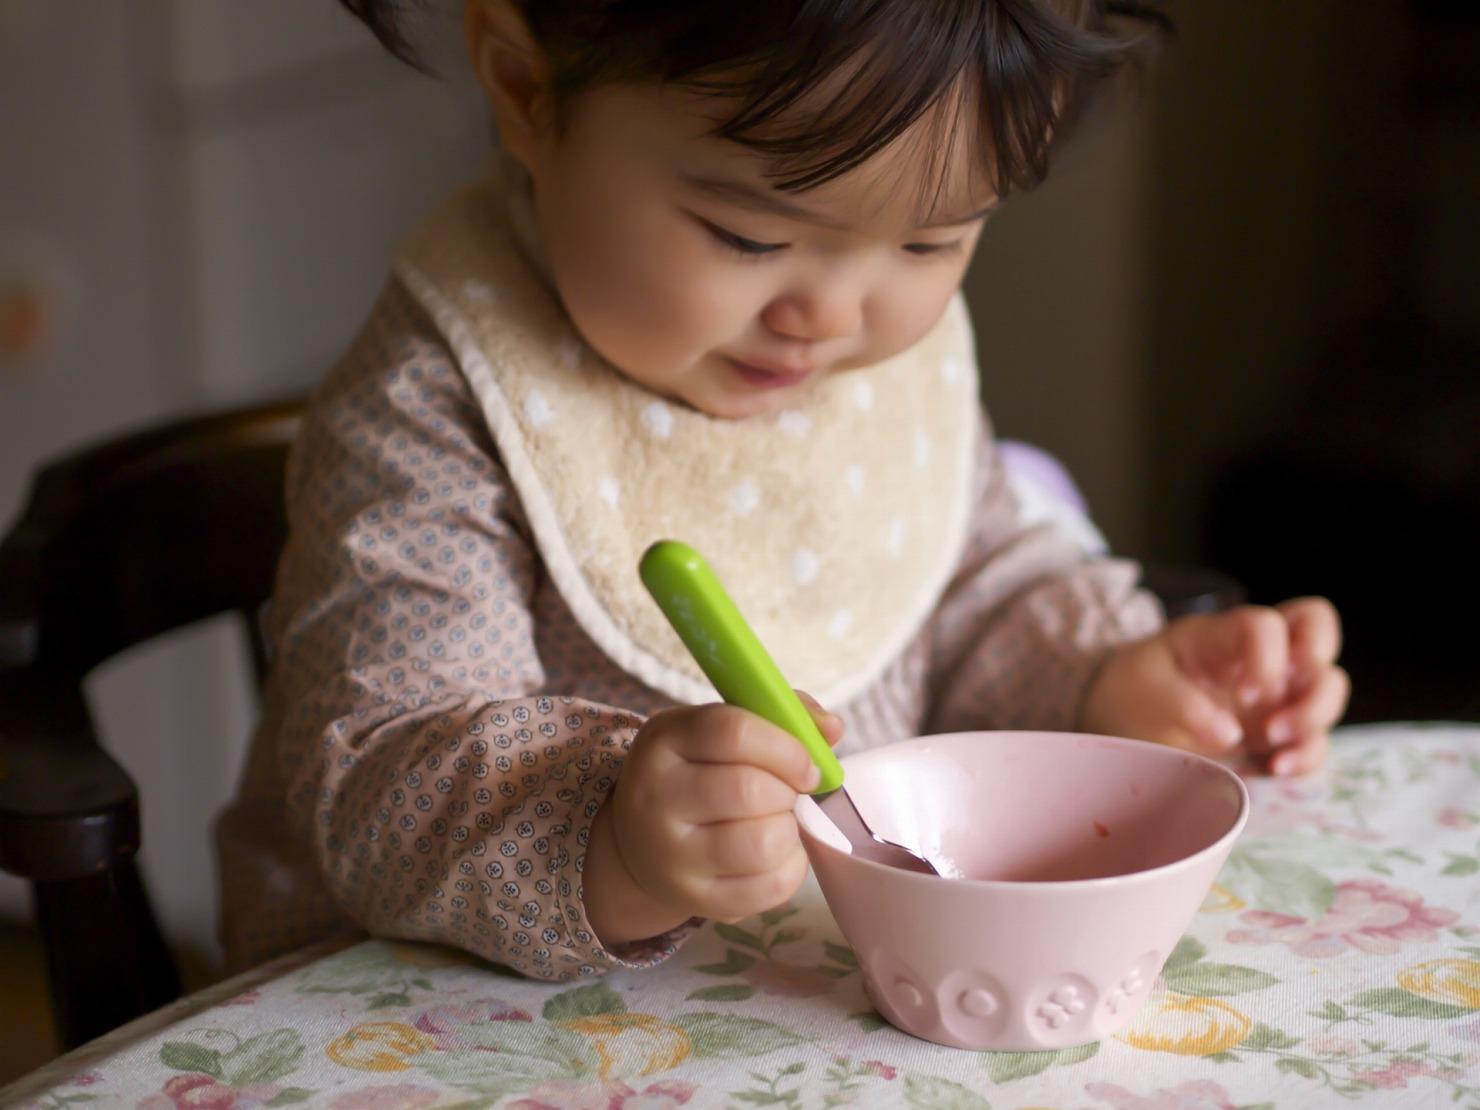 生後8ヶ月の離乳食の進め方は? スケジュールやレシピ、嫌がる時の対策などを紹介